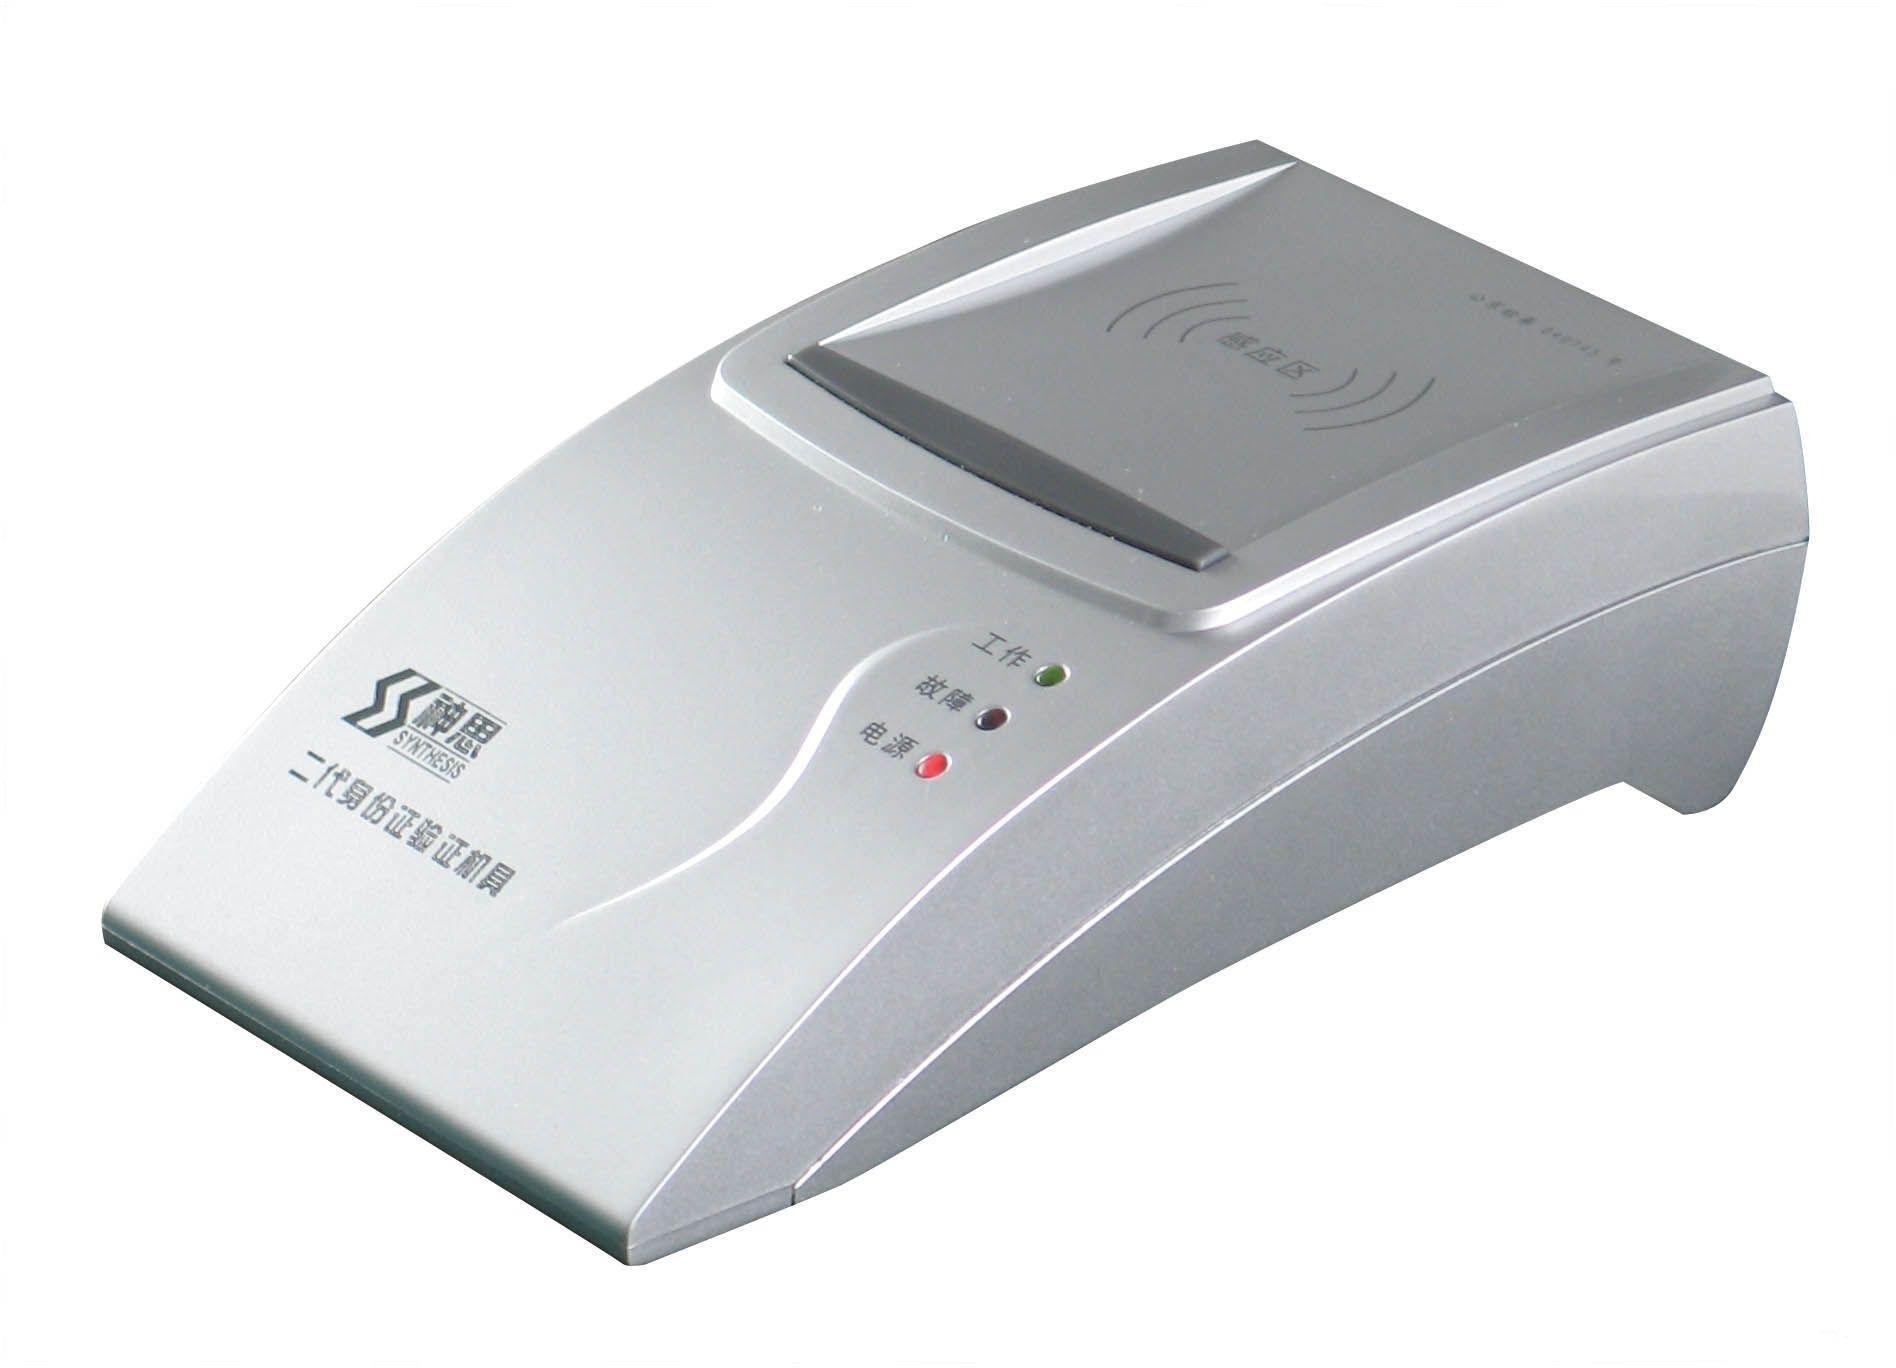 产品介绍: 神思ss628(100)二代身份证读卡器是一种能判断身份证是否